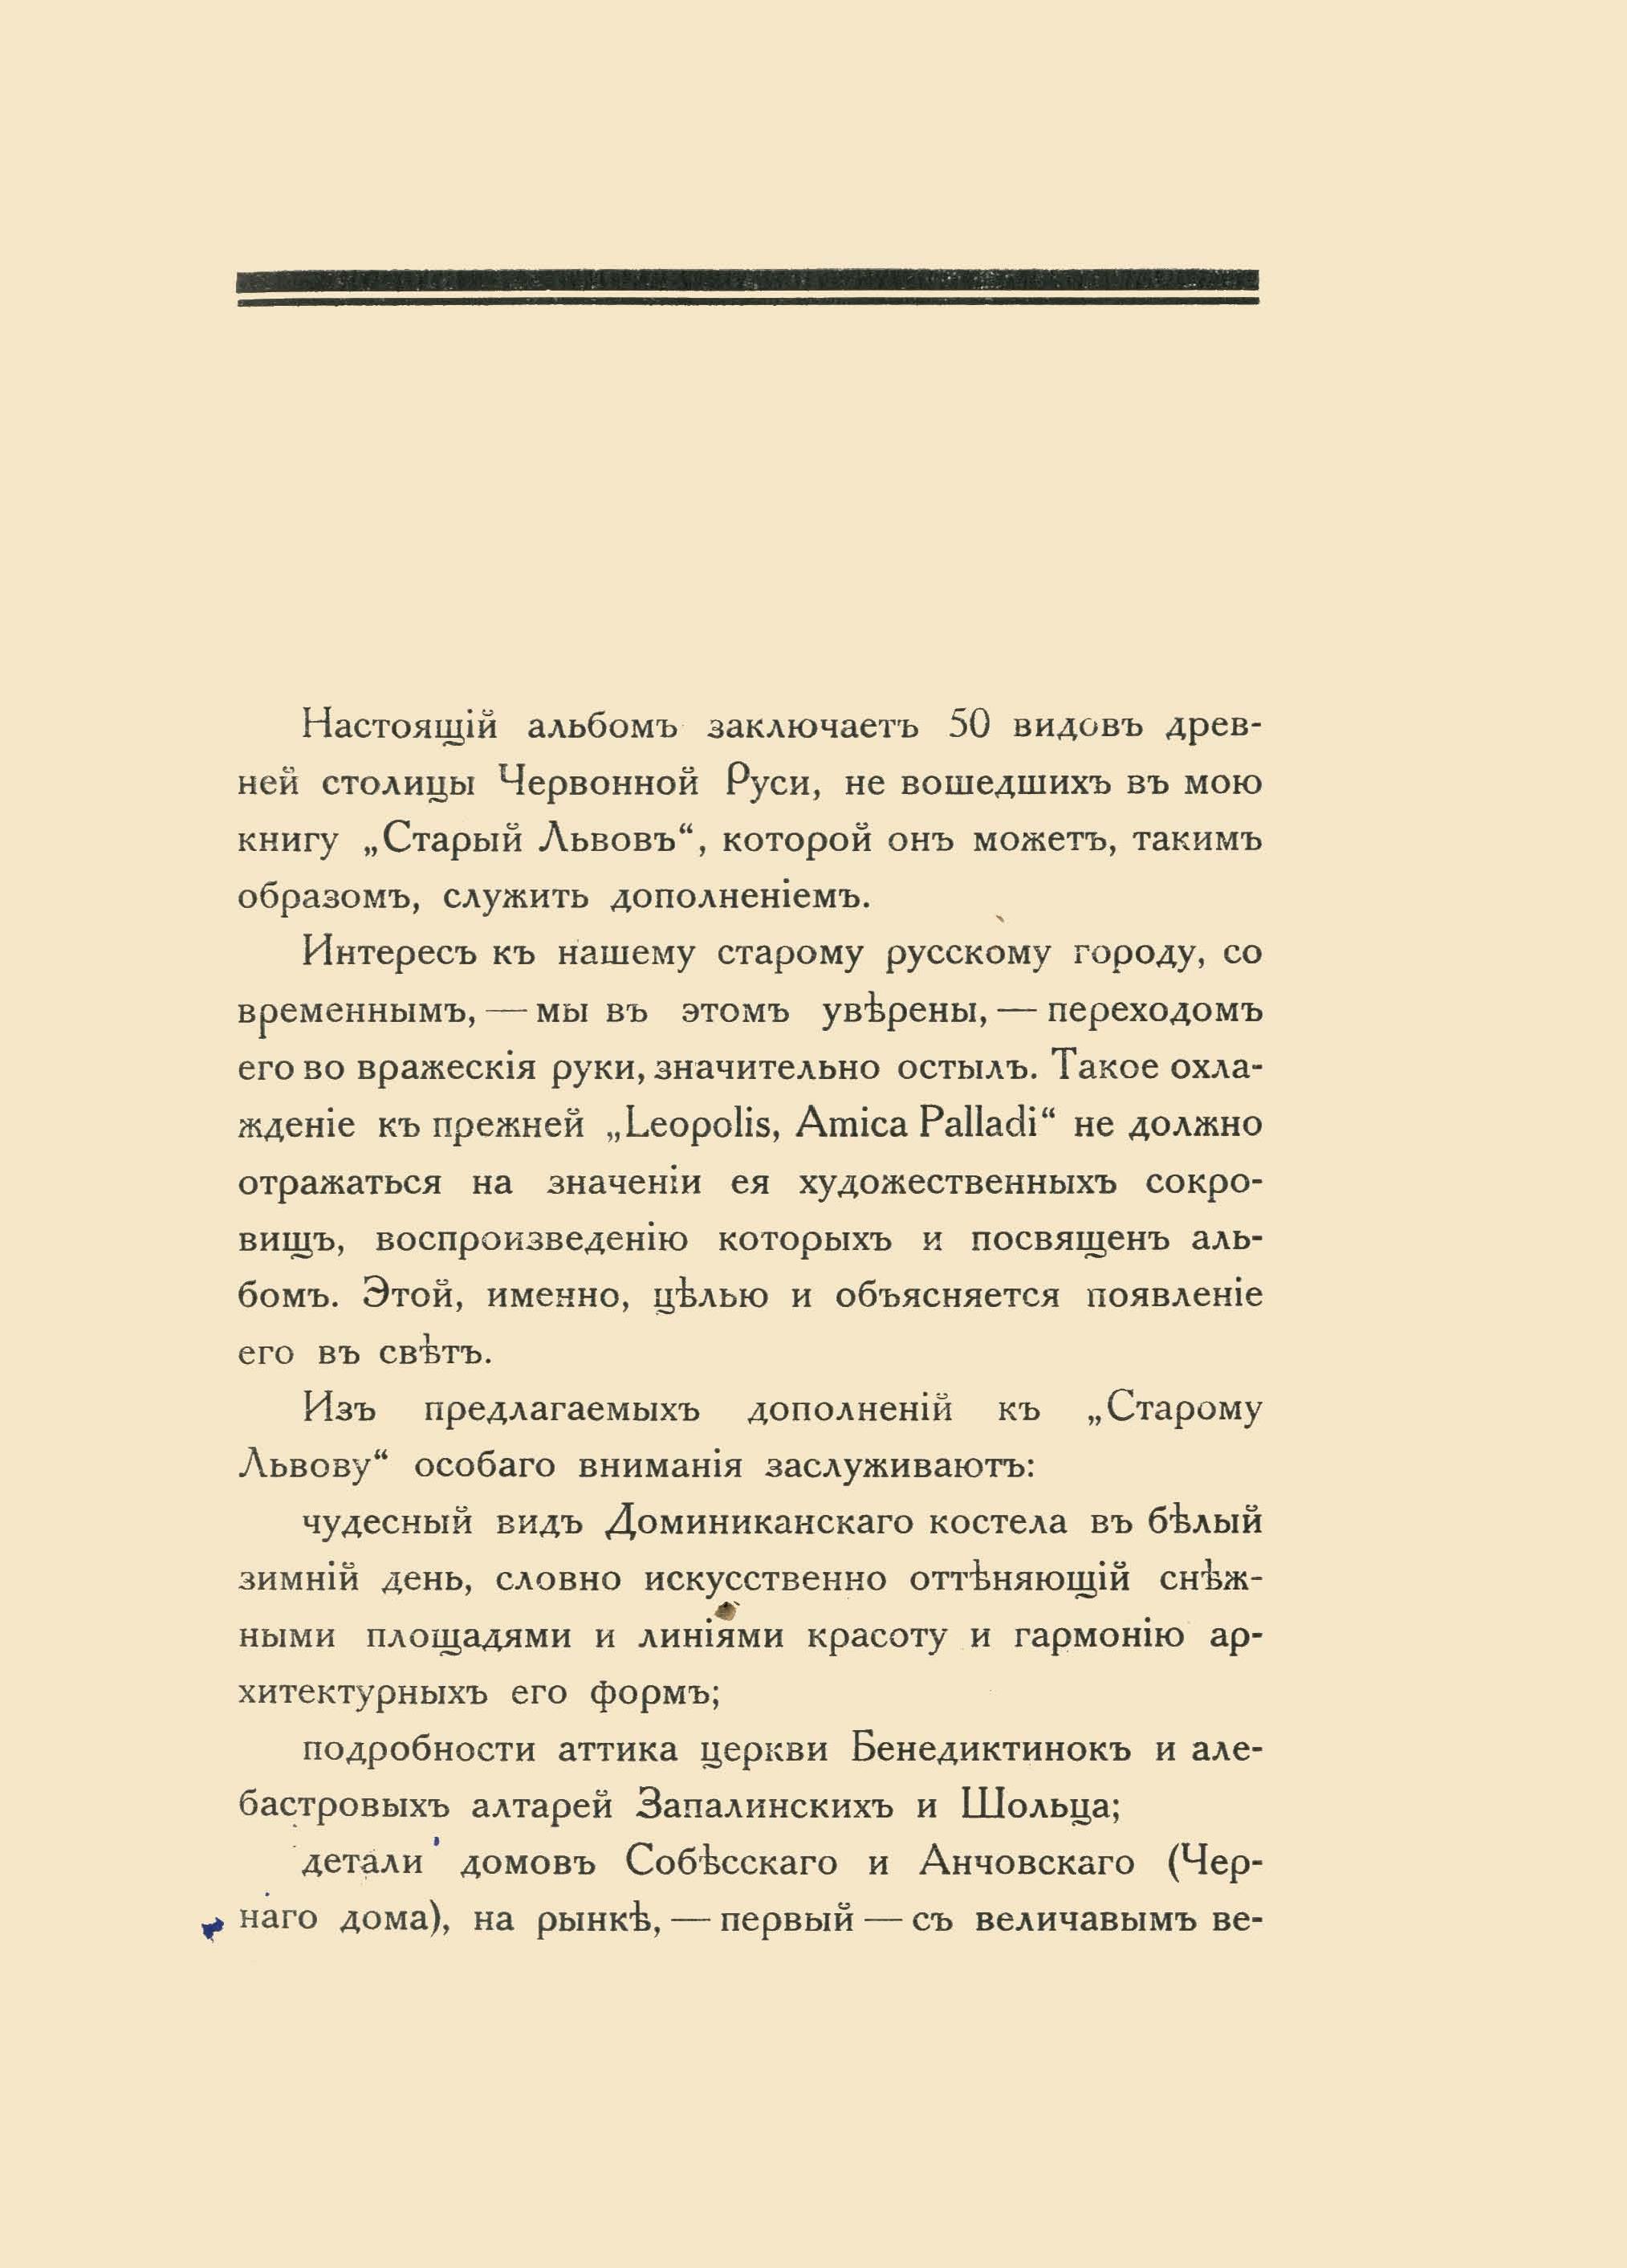 Альбом старого Львова. Верещагин В. 1917_9